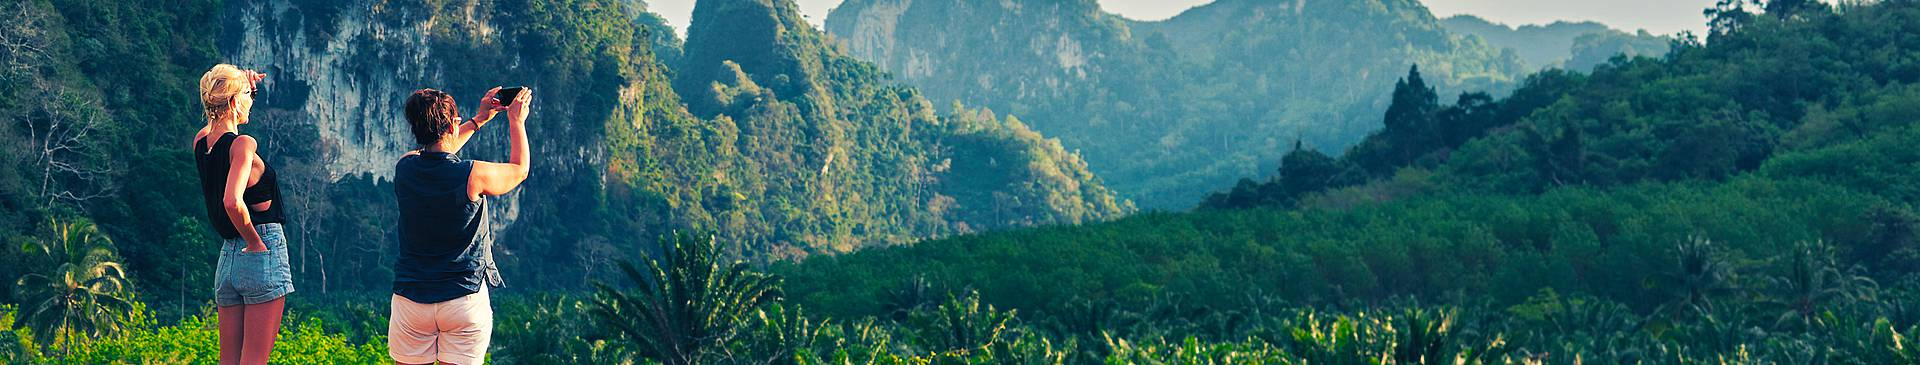 Trekking- en wandelvakantie in Thailand